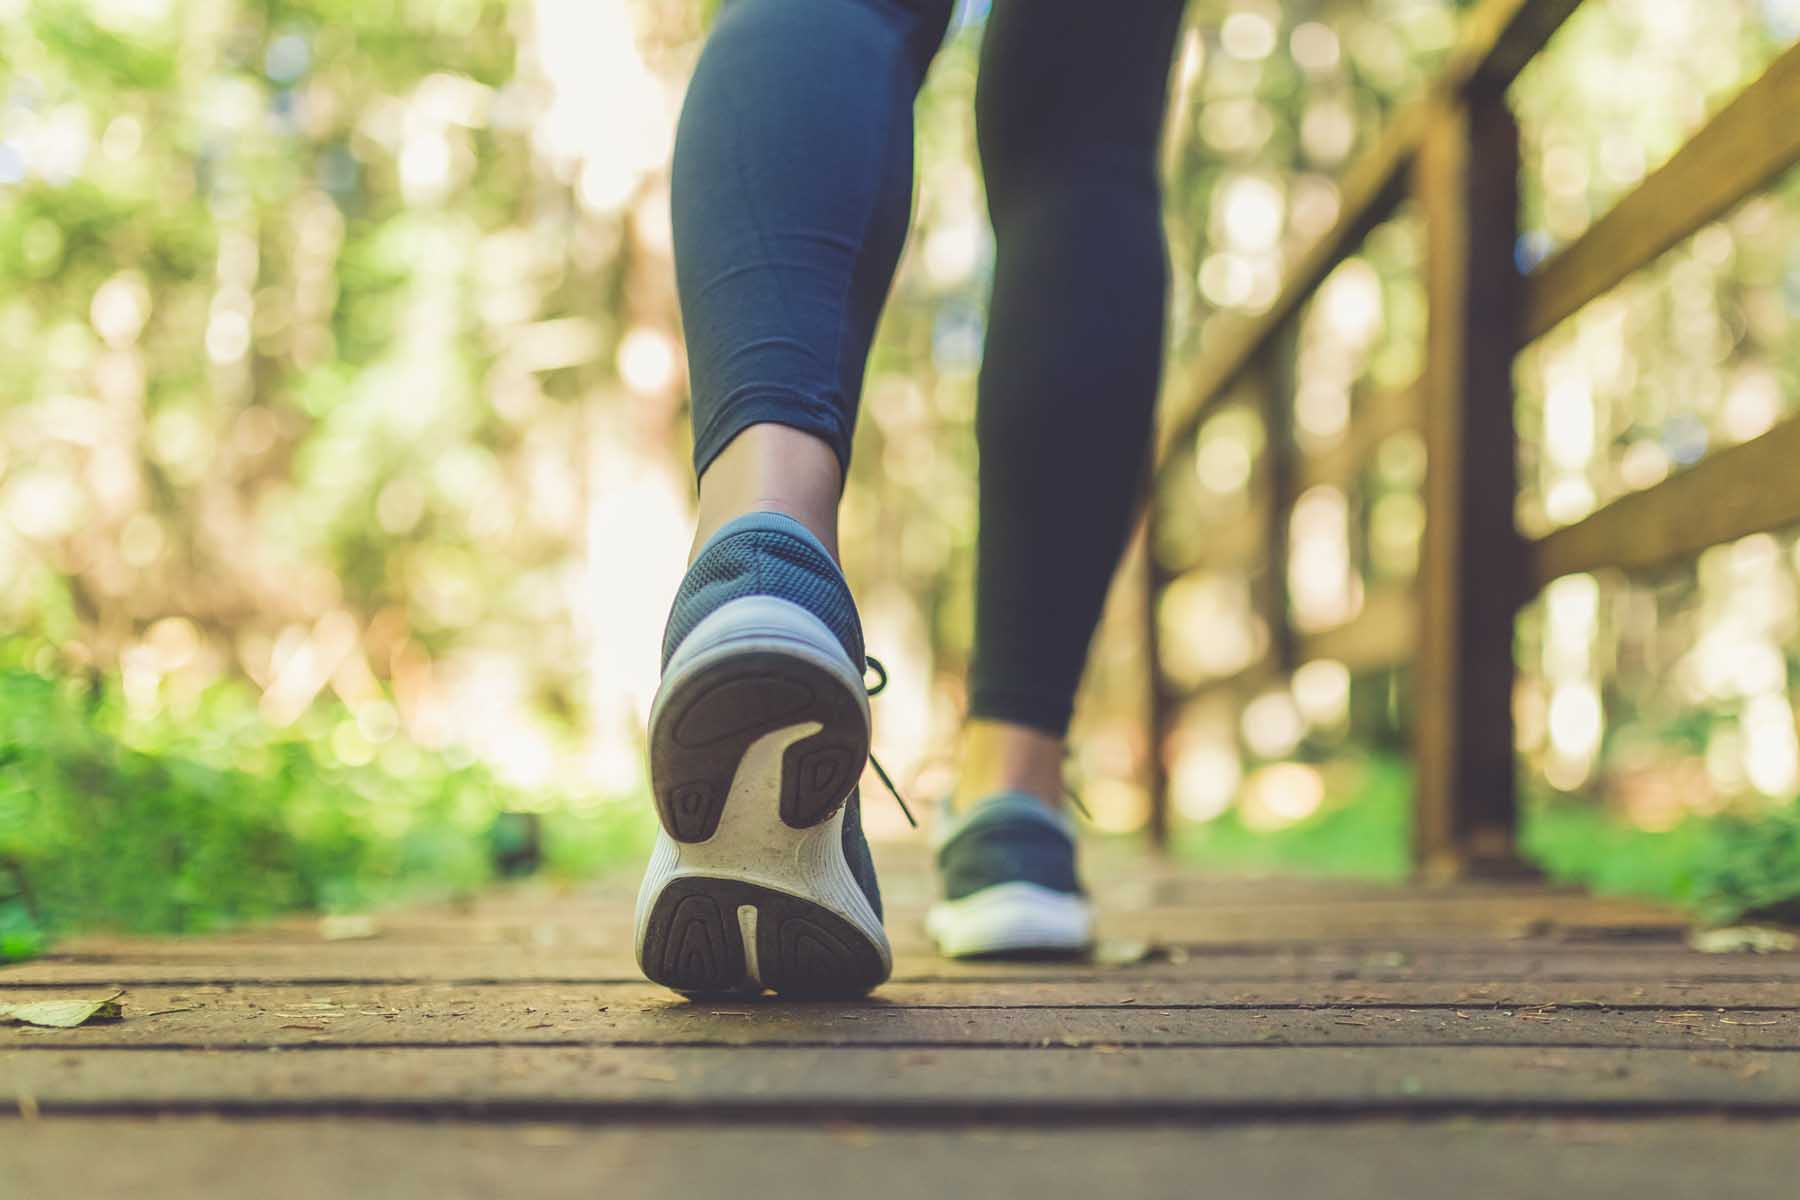 ¿Caminar adelgaza? ¡Descubre si es verdad o mito! 1